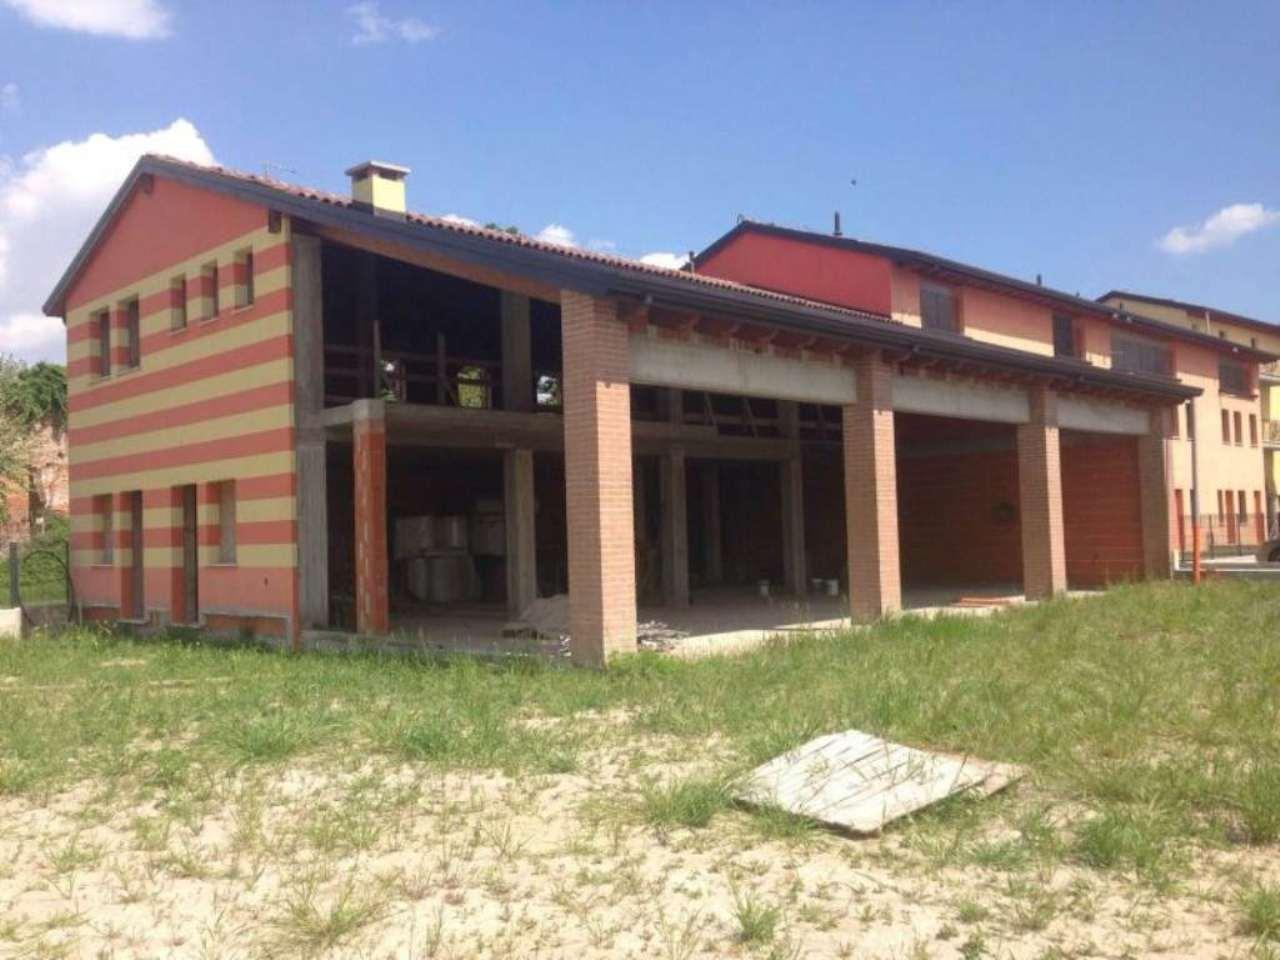 Negozio / Locale in vendita a Ronco all'Adige, 9999 locali, prezzo € 350.000 | Cambio Casa.it